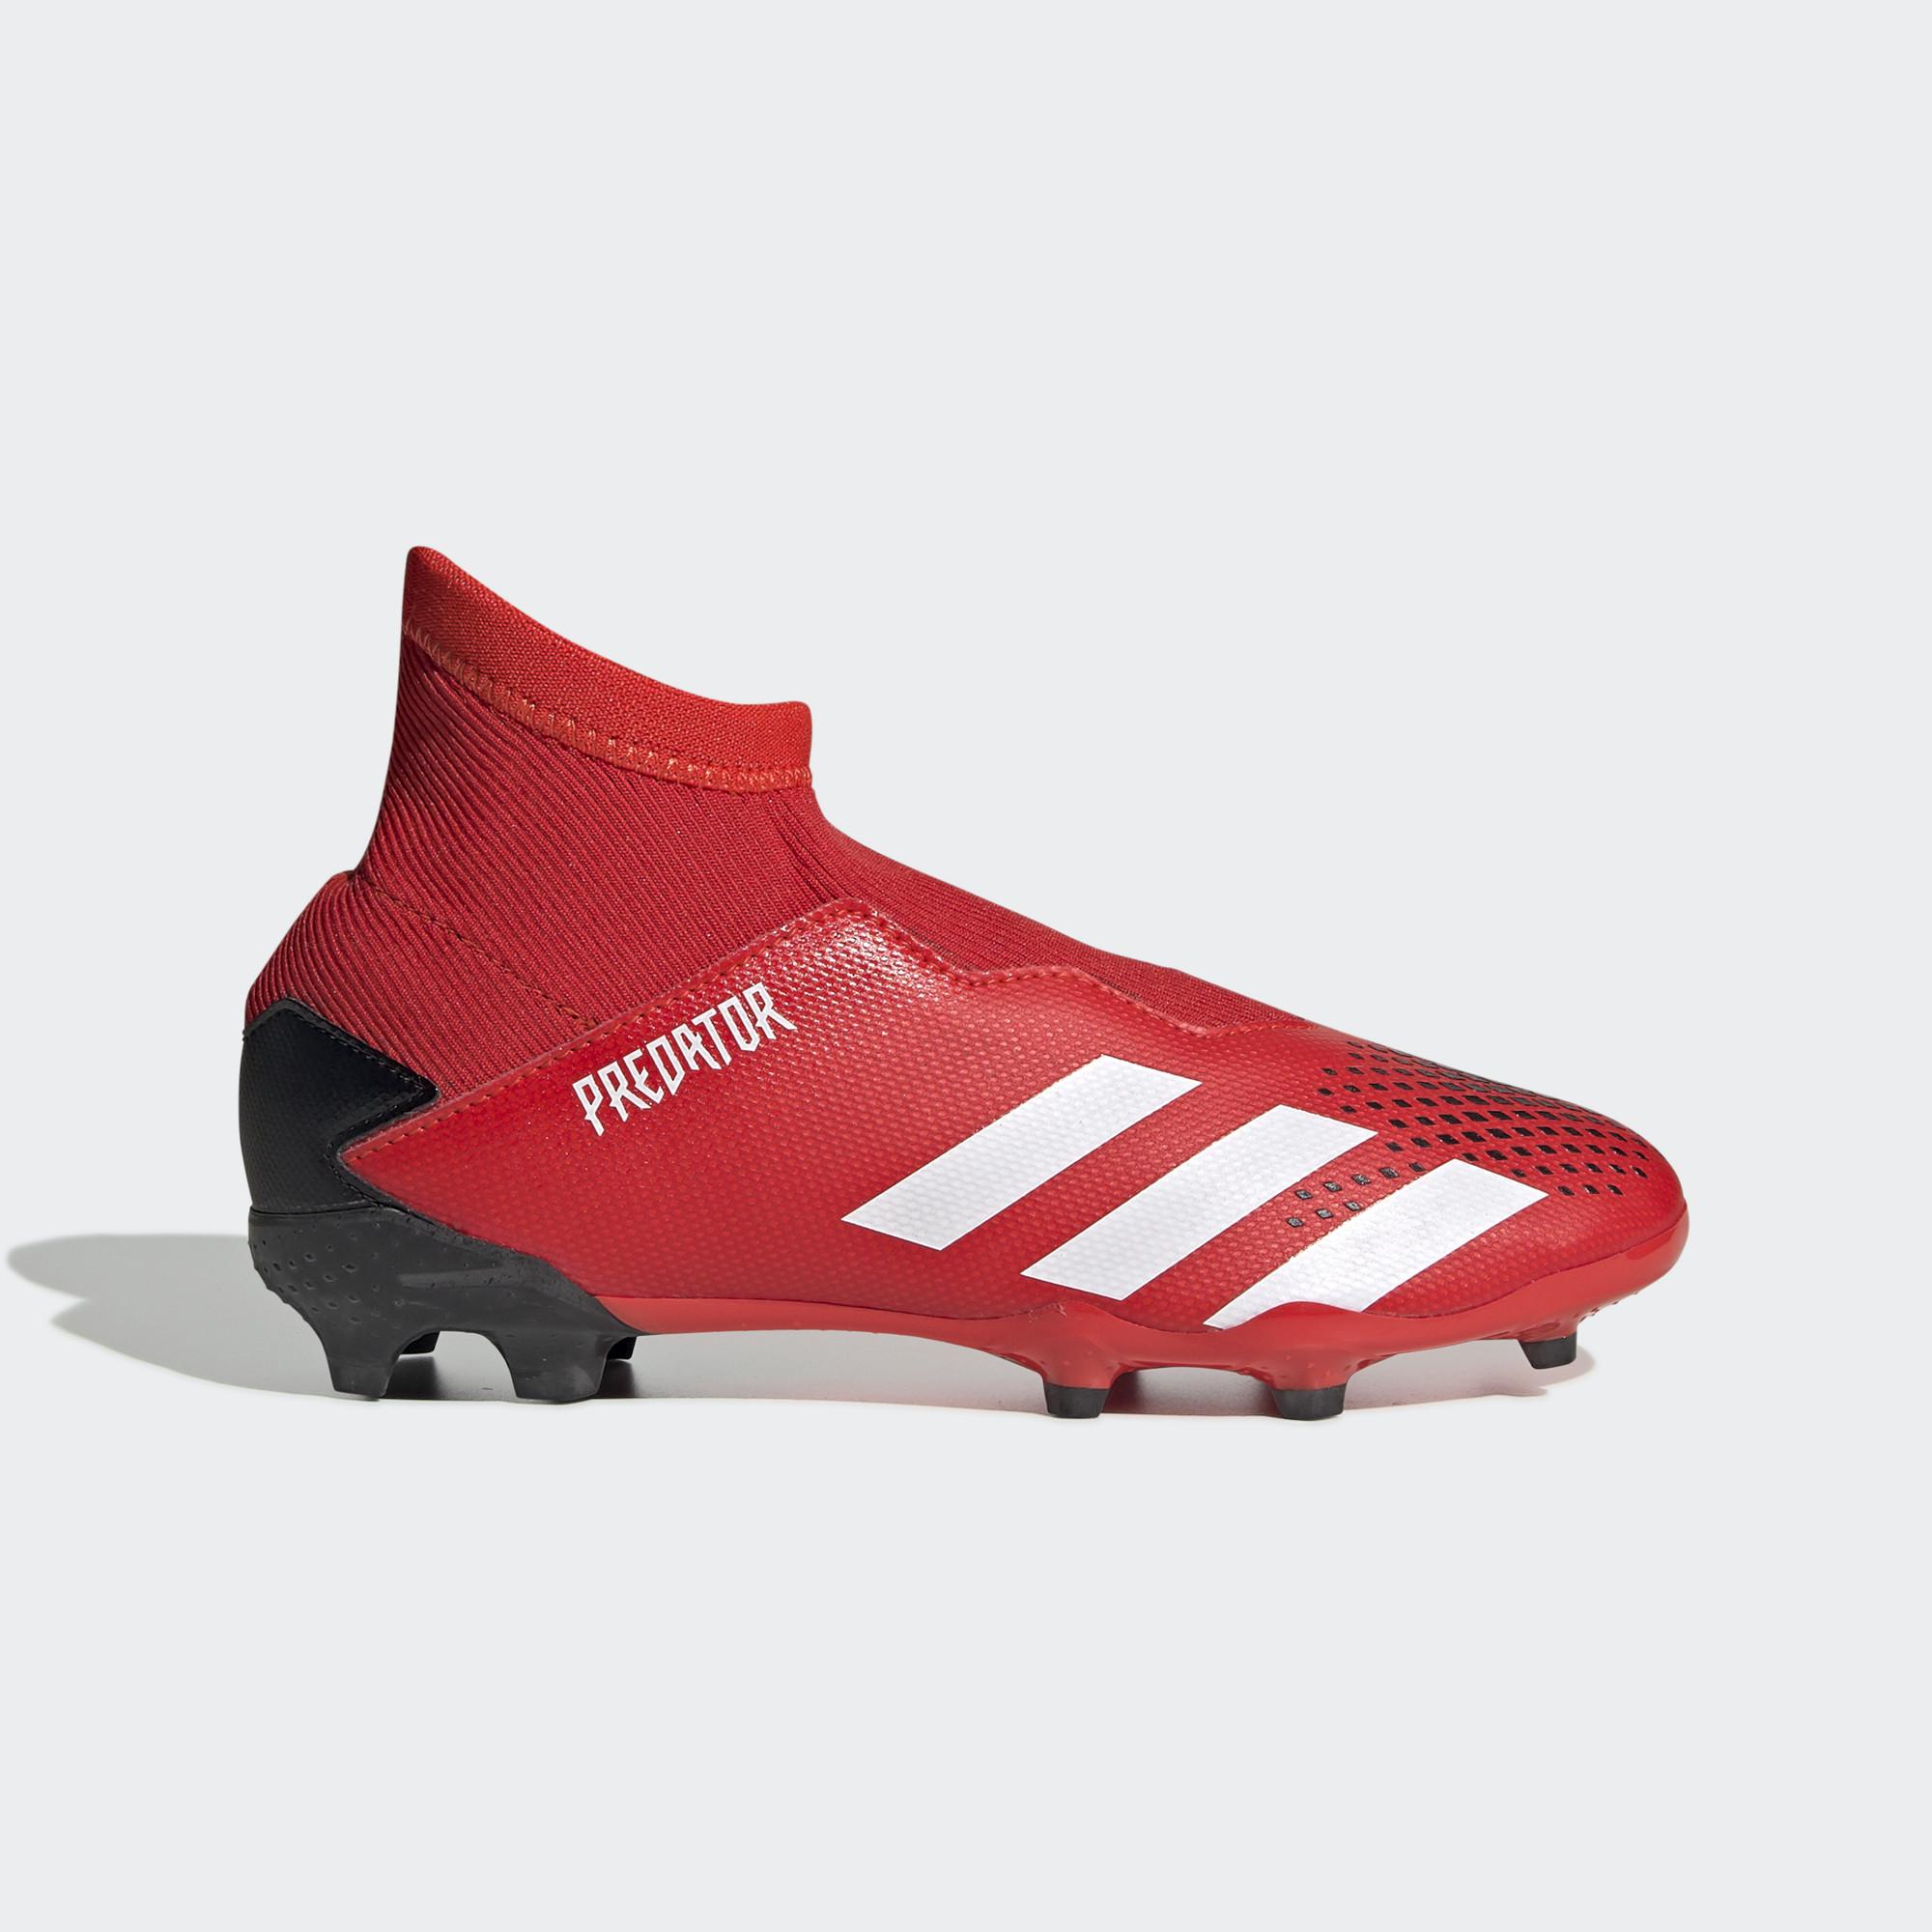 Adidas Predator 20.3 Ll Fg 'mutator Pack' Παιδικά Παπούτσια για Ποδόσφαιρο (9000044695_37115)